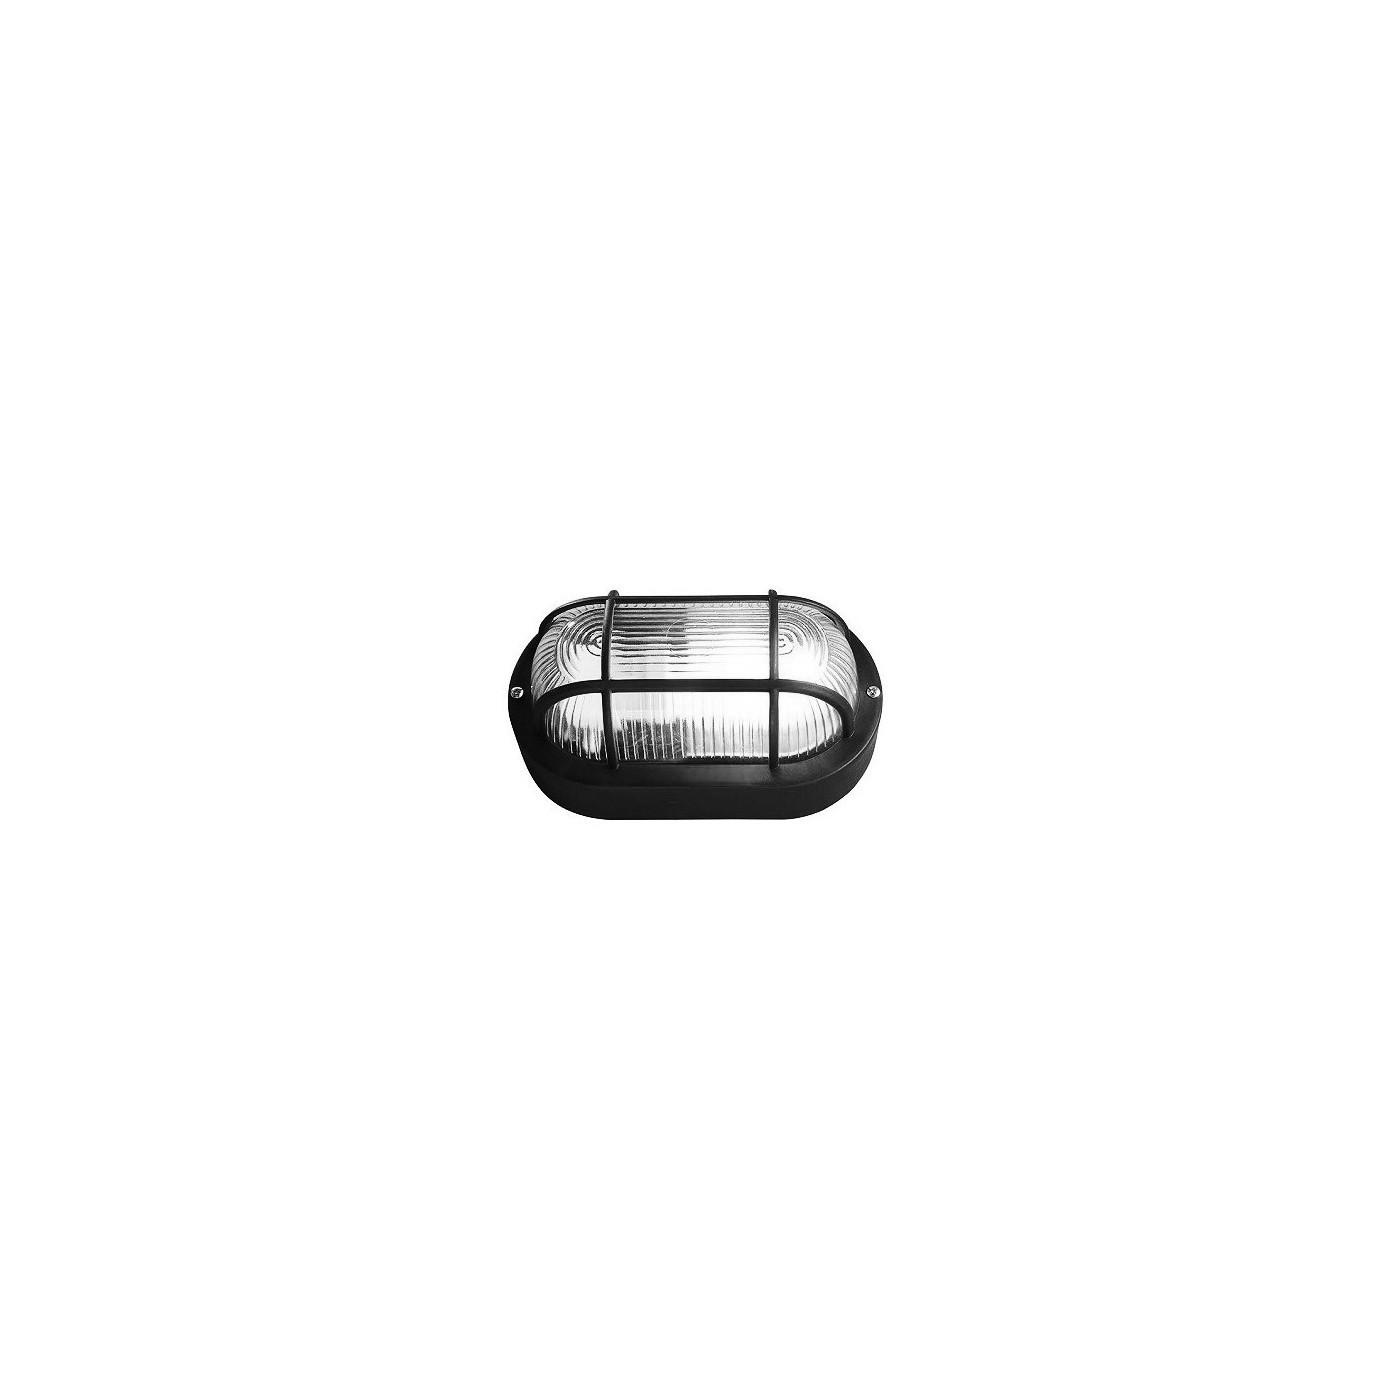 Bullseye (bulleye) lamp (black, E27, industrial look